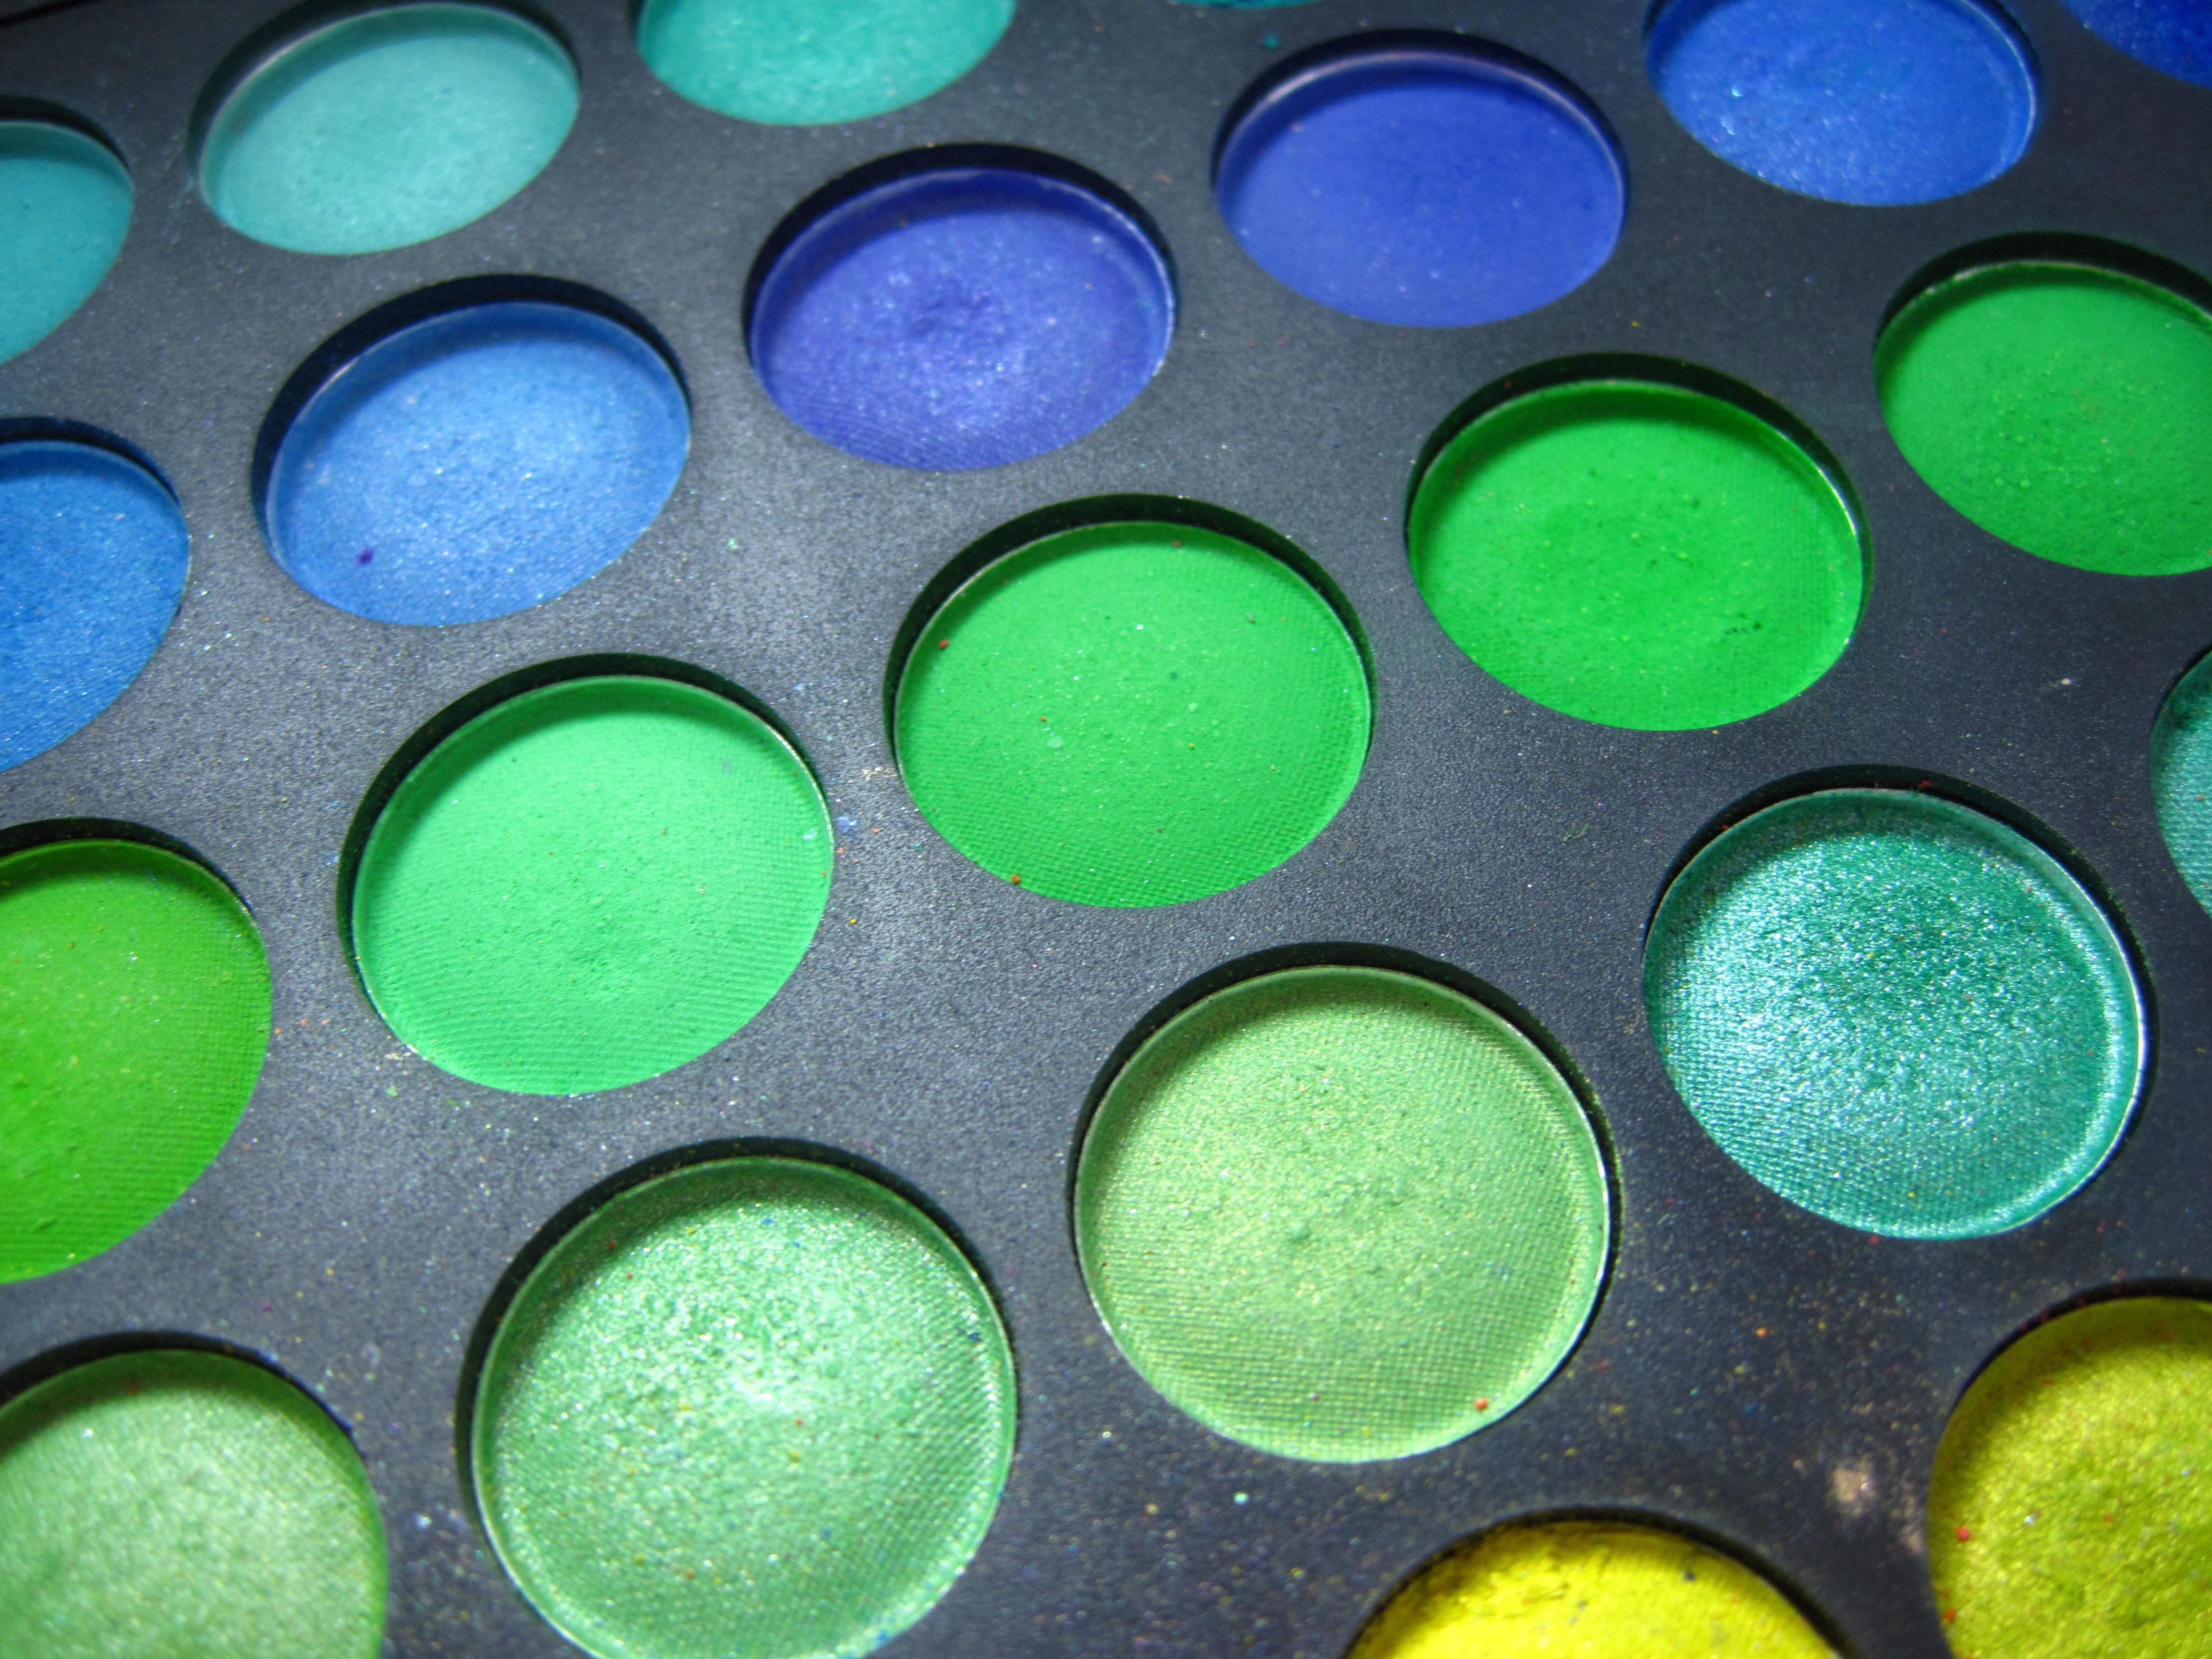 Sleek Primer & Ultra Mattes 1 Palette 7 - Nagelfabriek